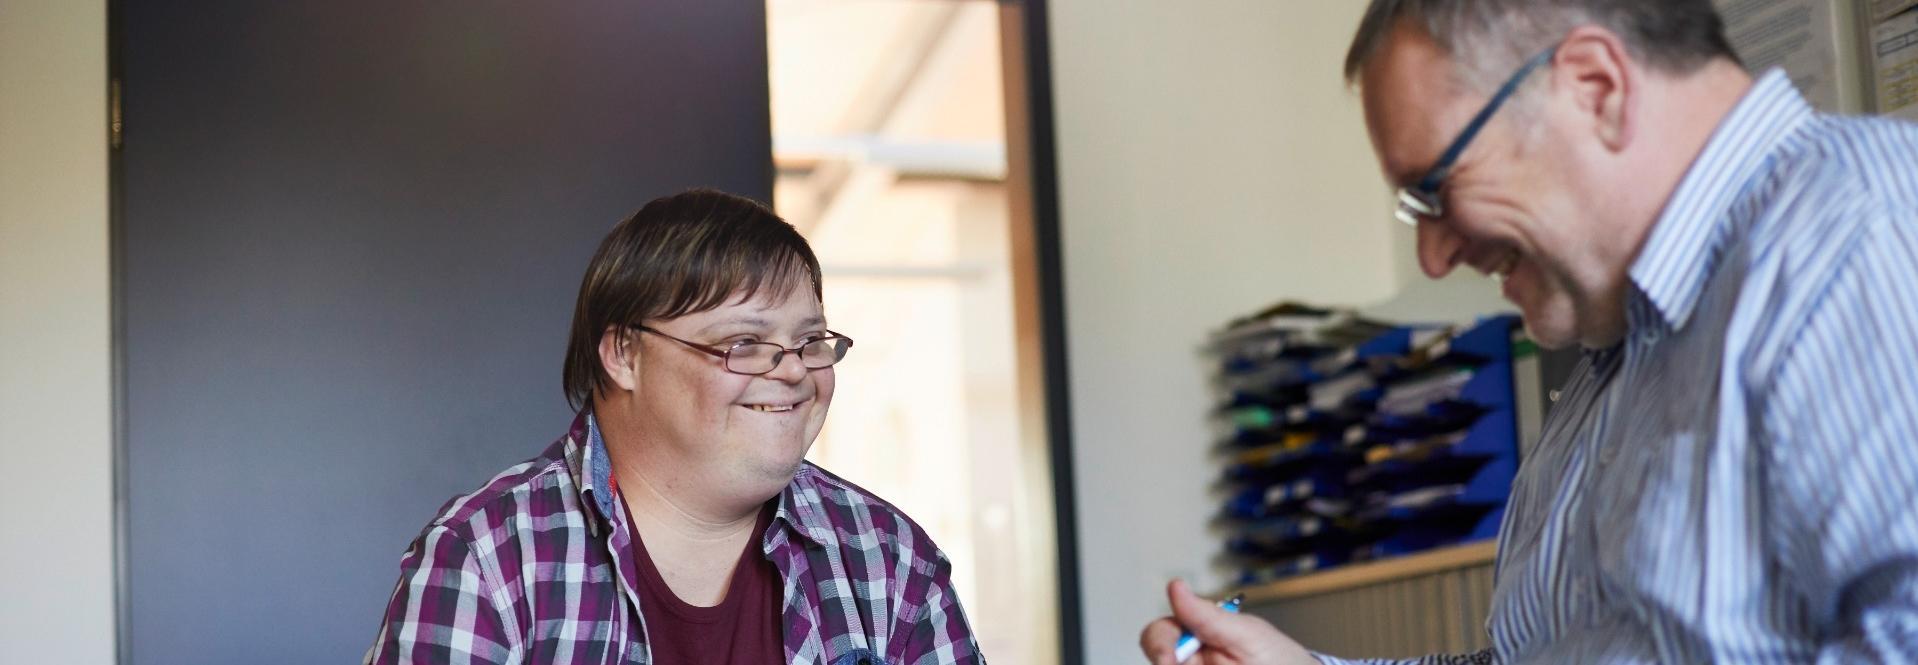 Frau mit Down Syndrom und Mann, sollen Geschwister darstellen